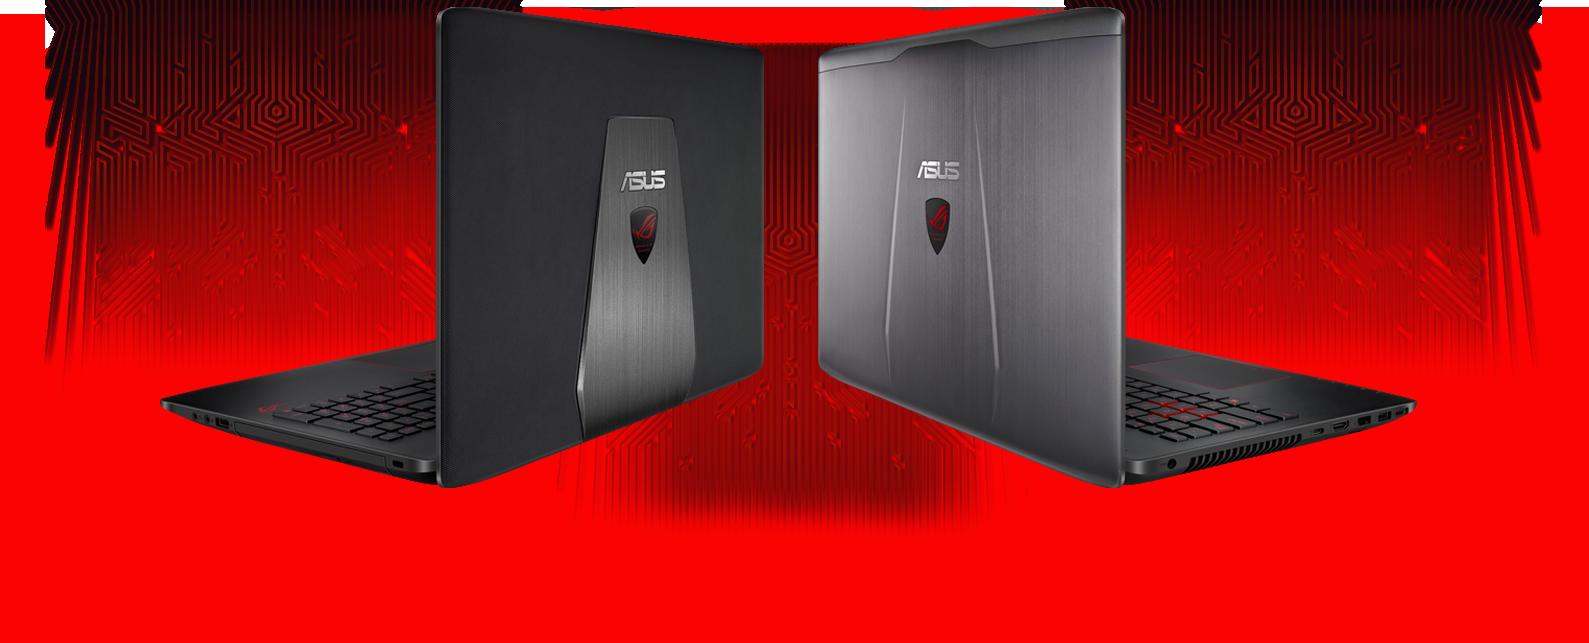 55fa7524a66a ROG GL552VW | ROG - Republic Of Gamers | ASUS Canada